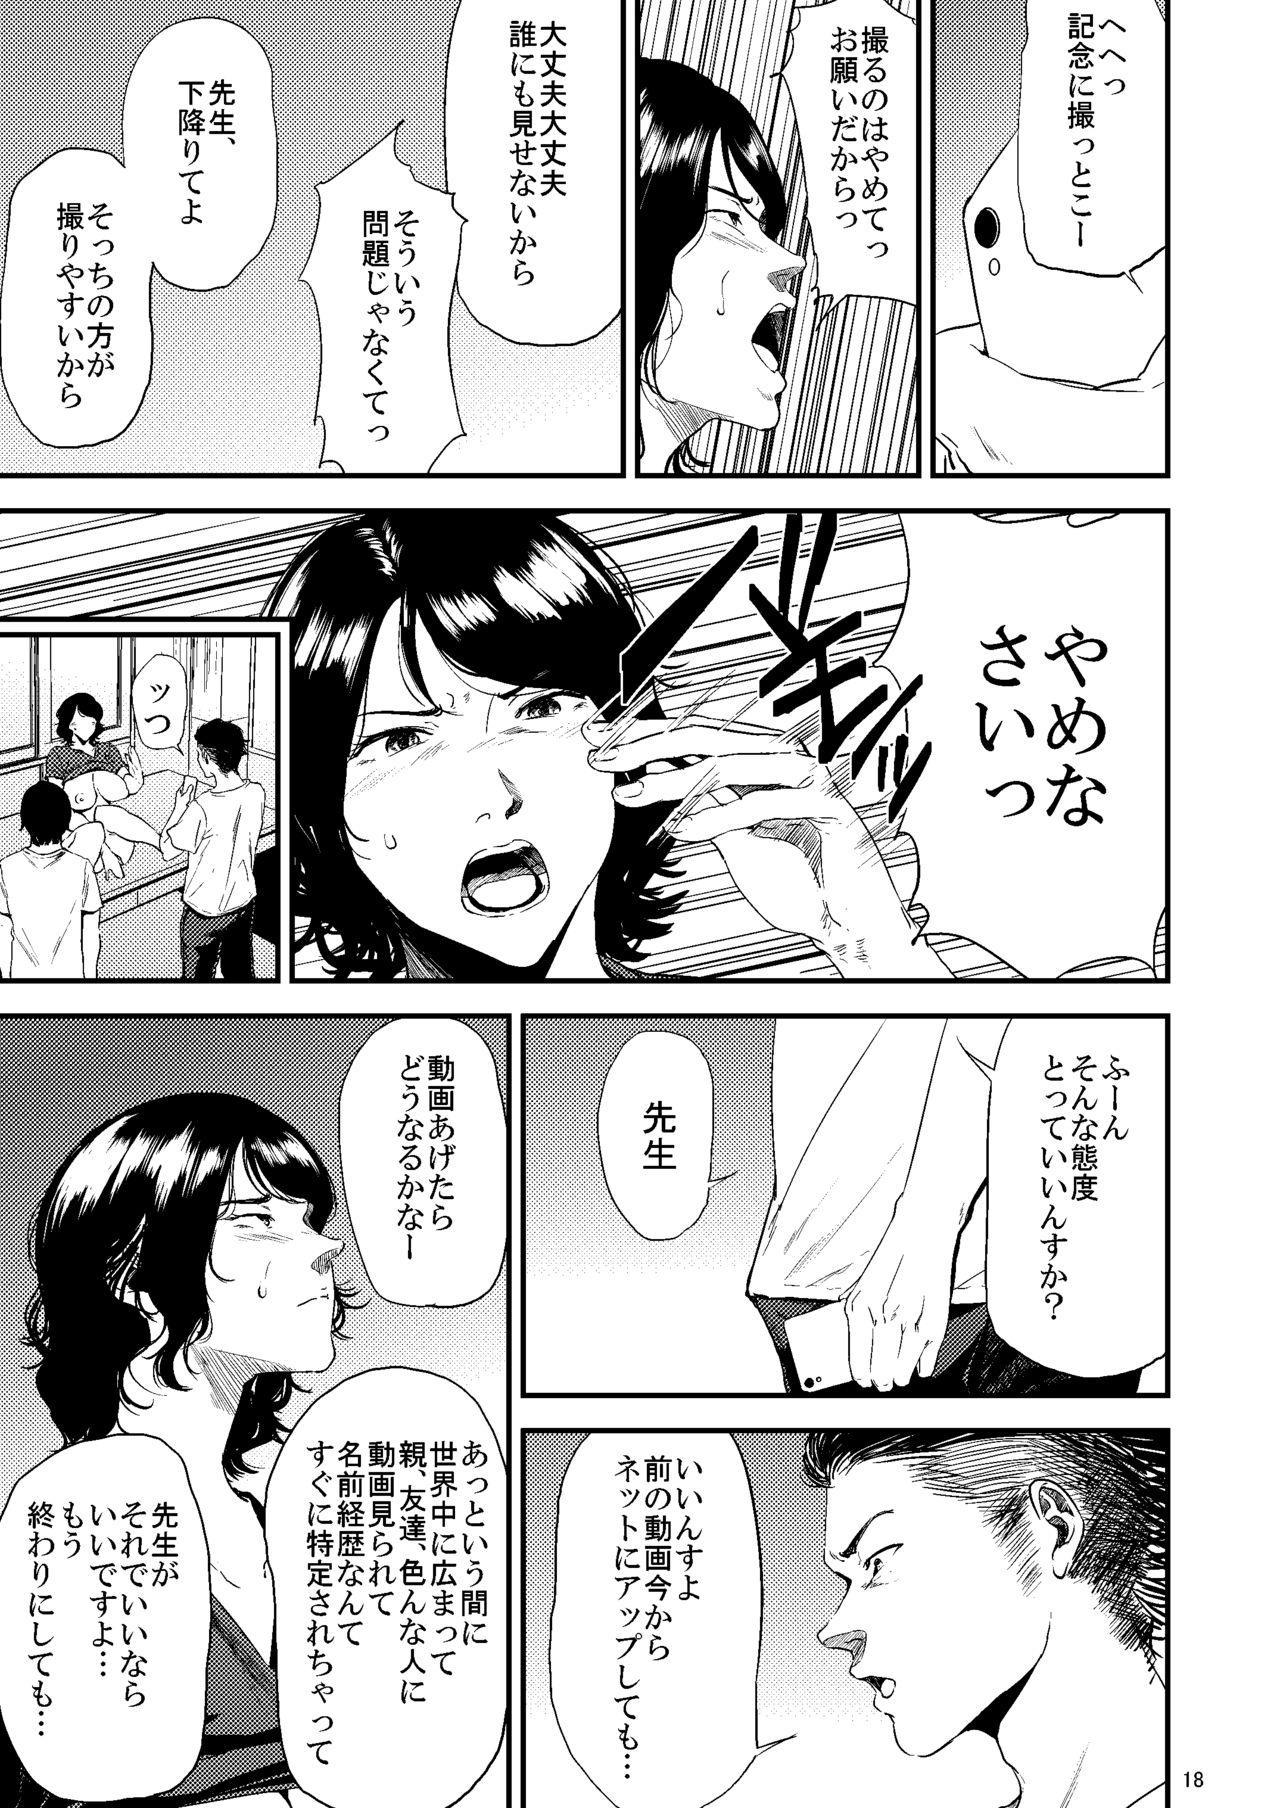 Sukoshi Ki no Tsuyoi Rika no Sensei ga Seito ni Moteasobareru H Na Hon 17